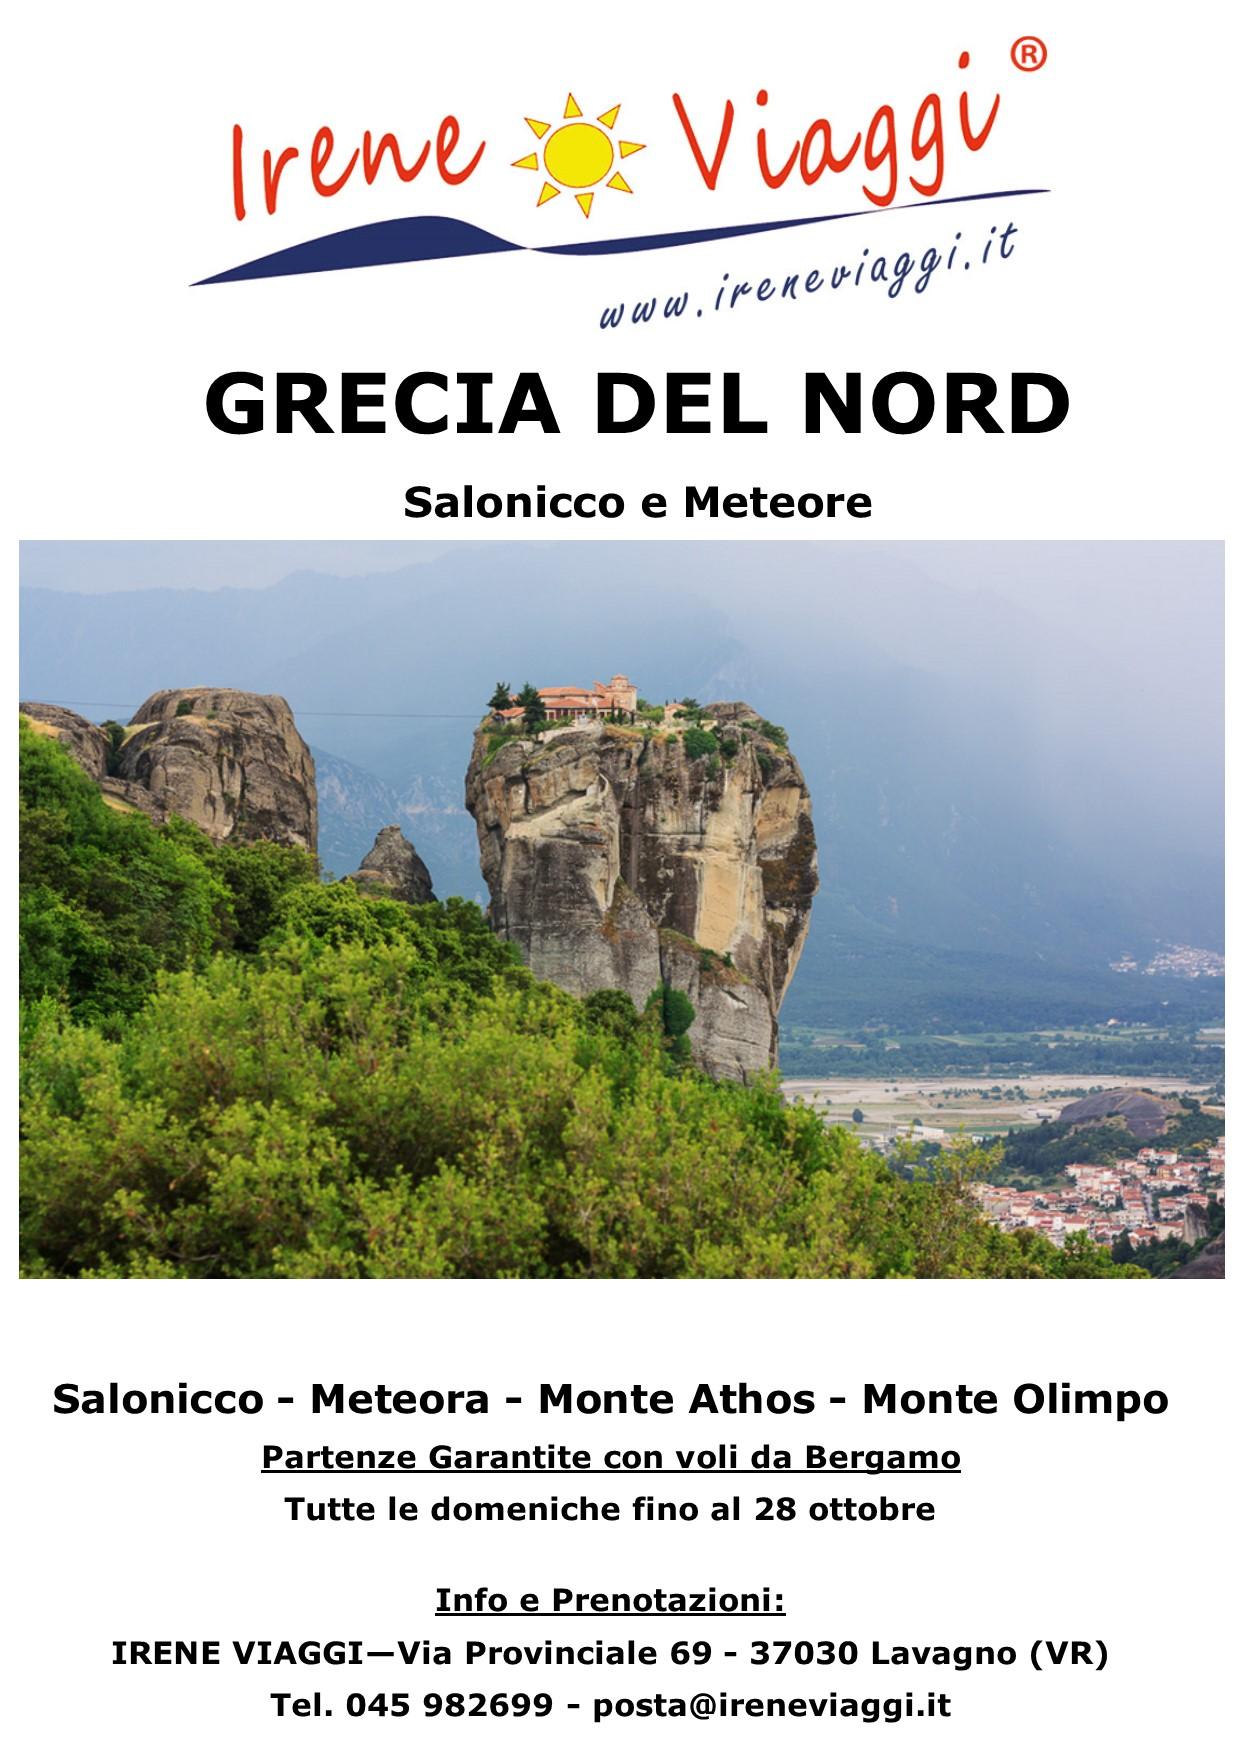 Tour Tesori della Grecia del Nord